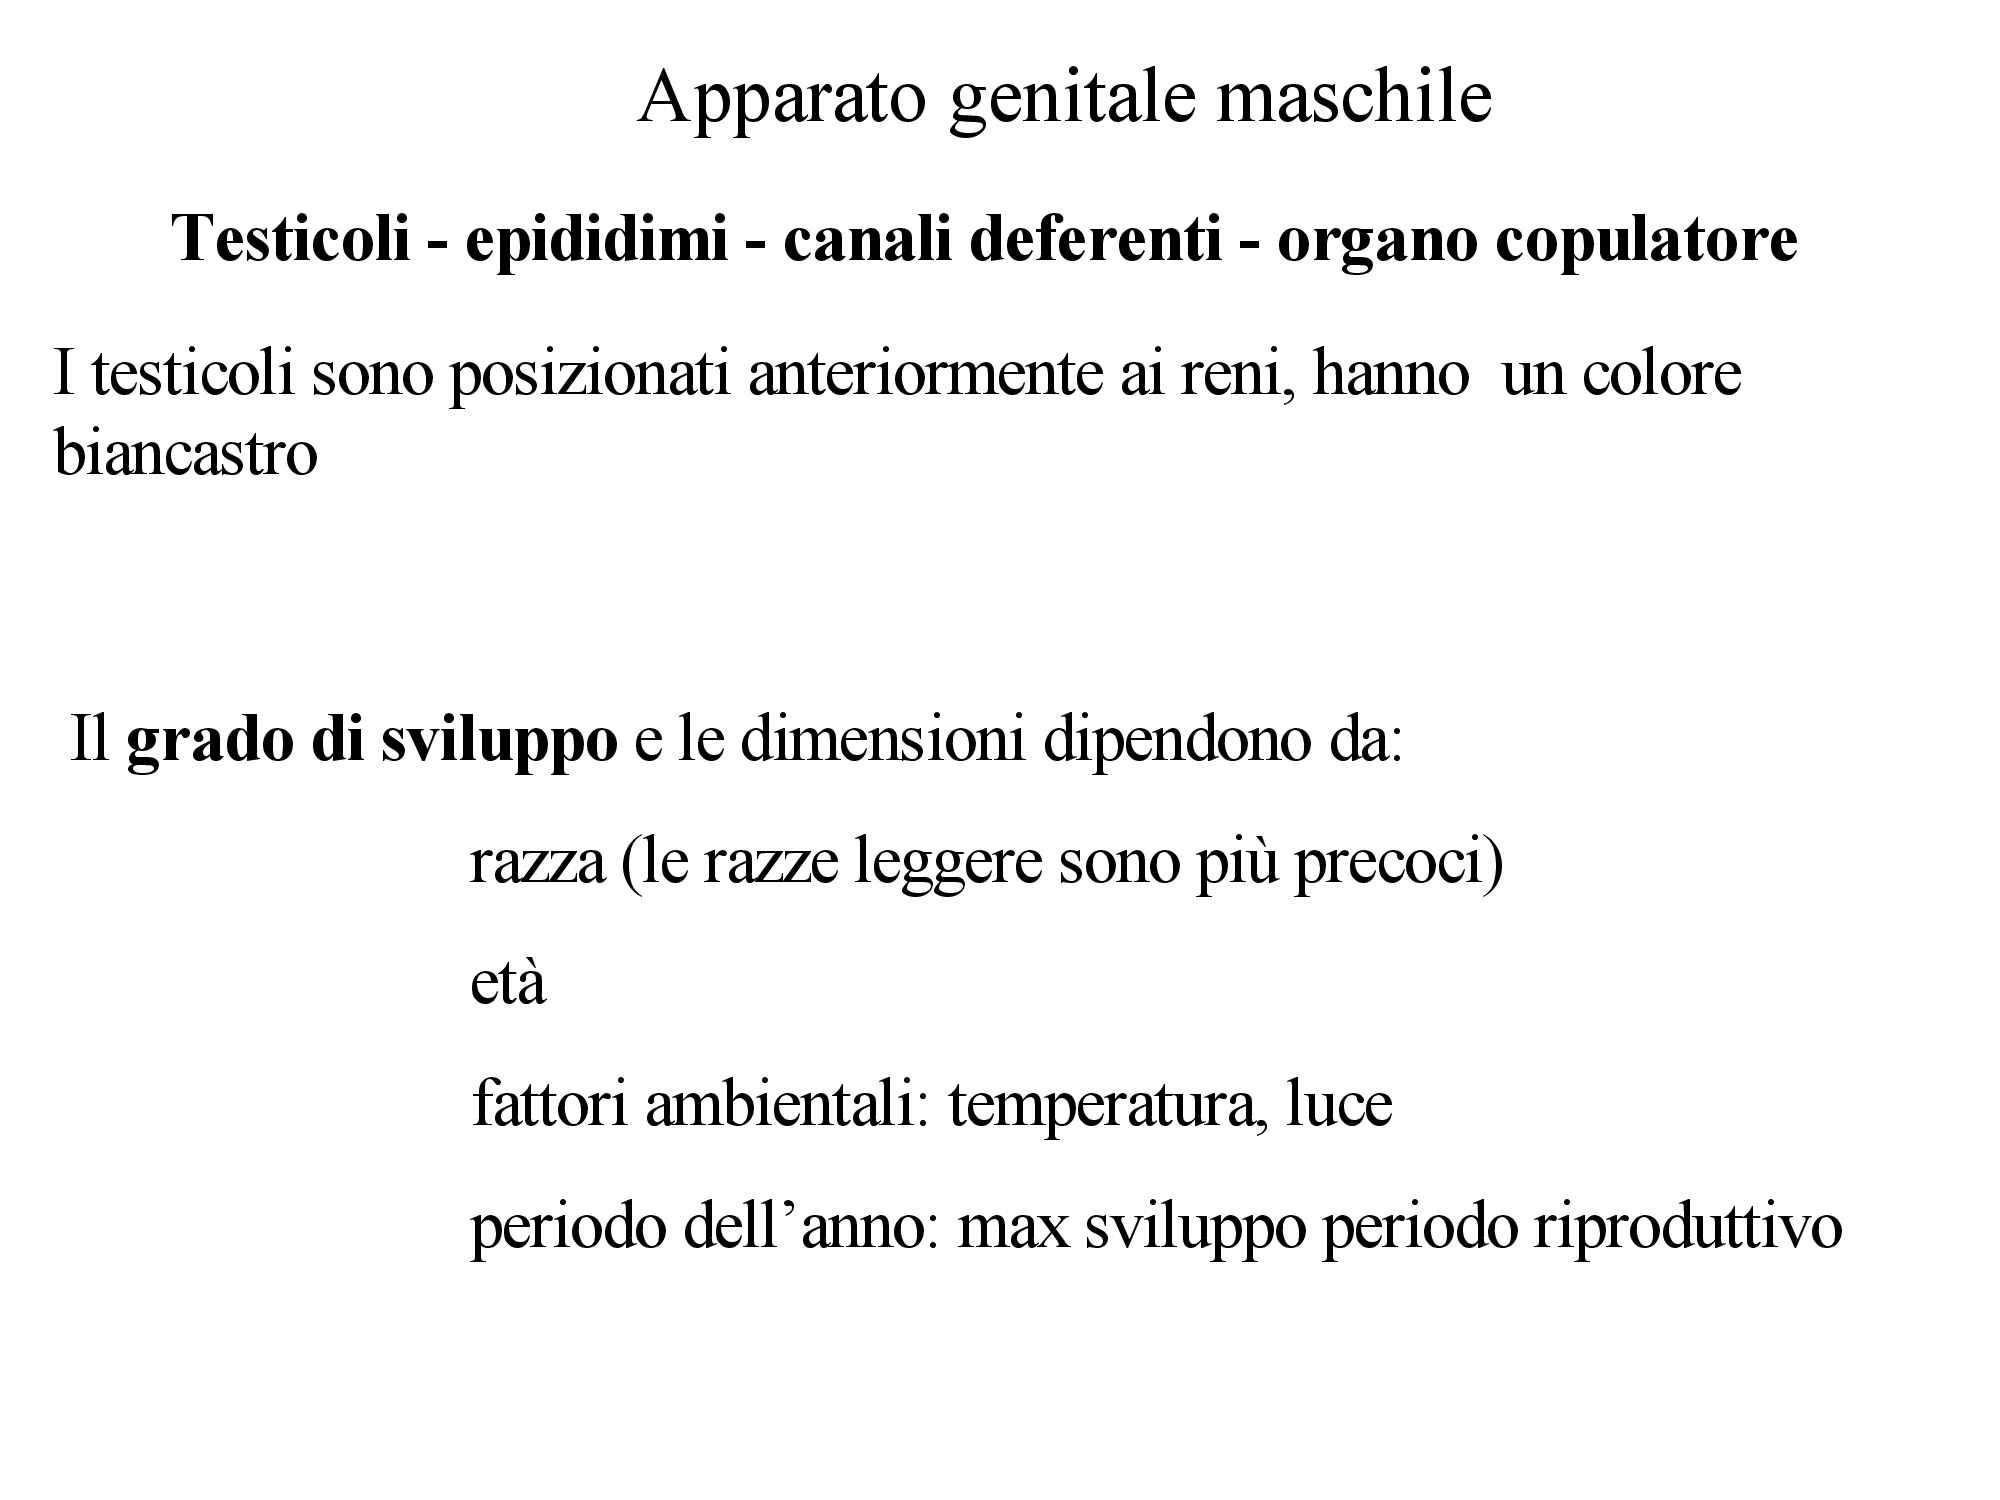 Gallo - Apparato genitale